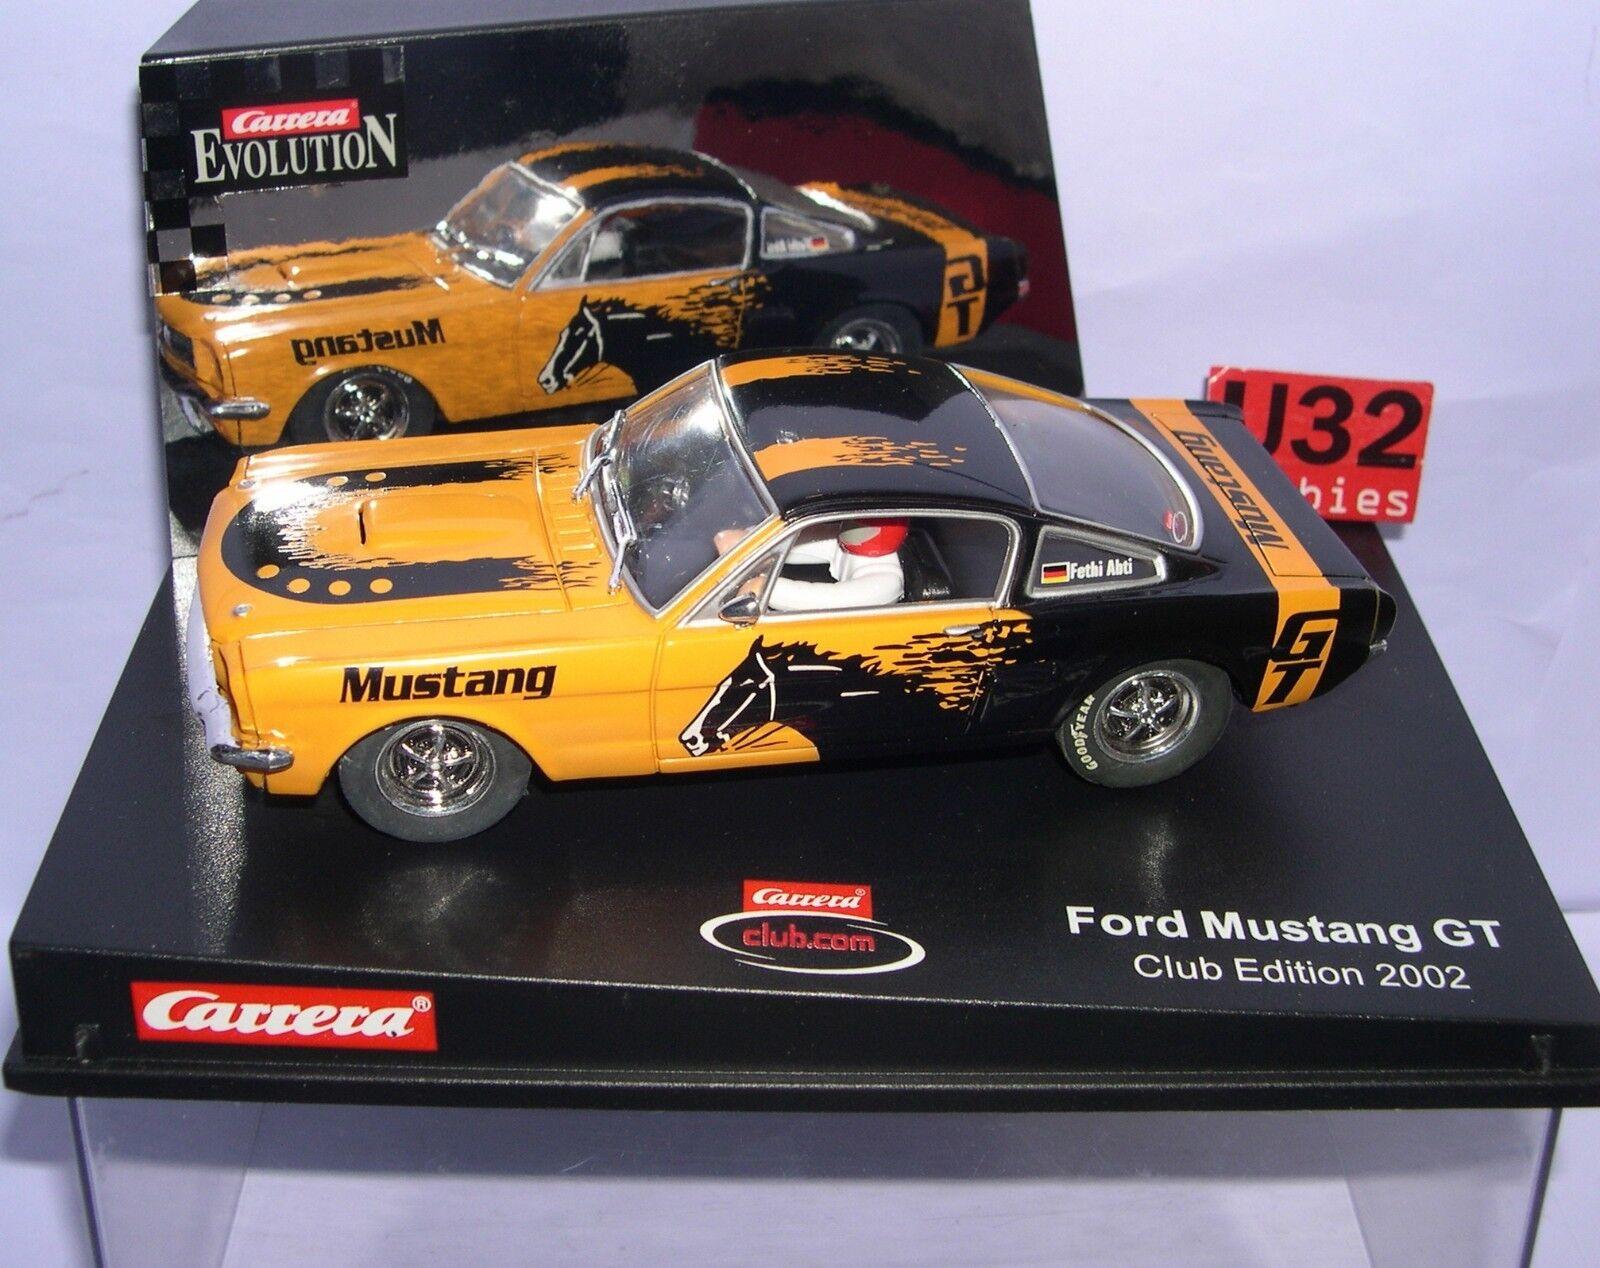 compra nuovo economico autoRERA EVOLUTION EVOLUTION EVOLUTION 25469 FORD MUSTANG GT CLUB edizione 2002 FETHI ABTI  prezzi bassissimi